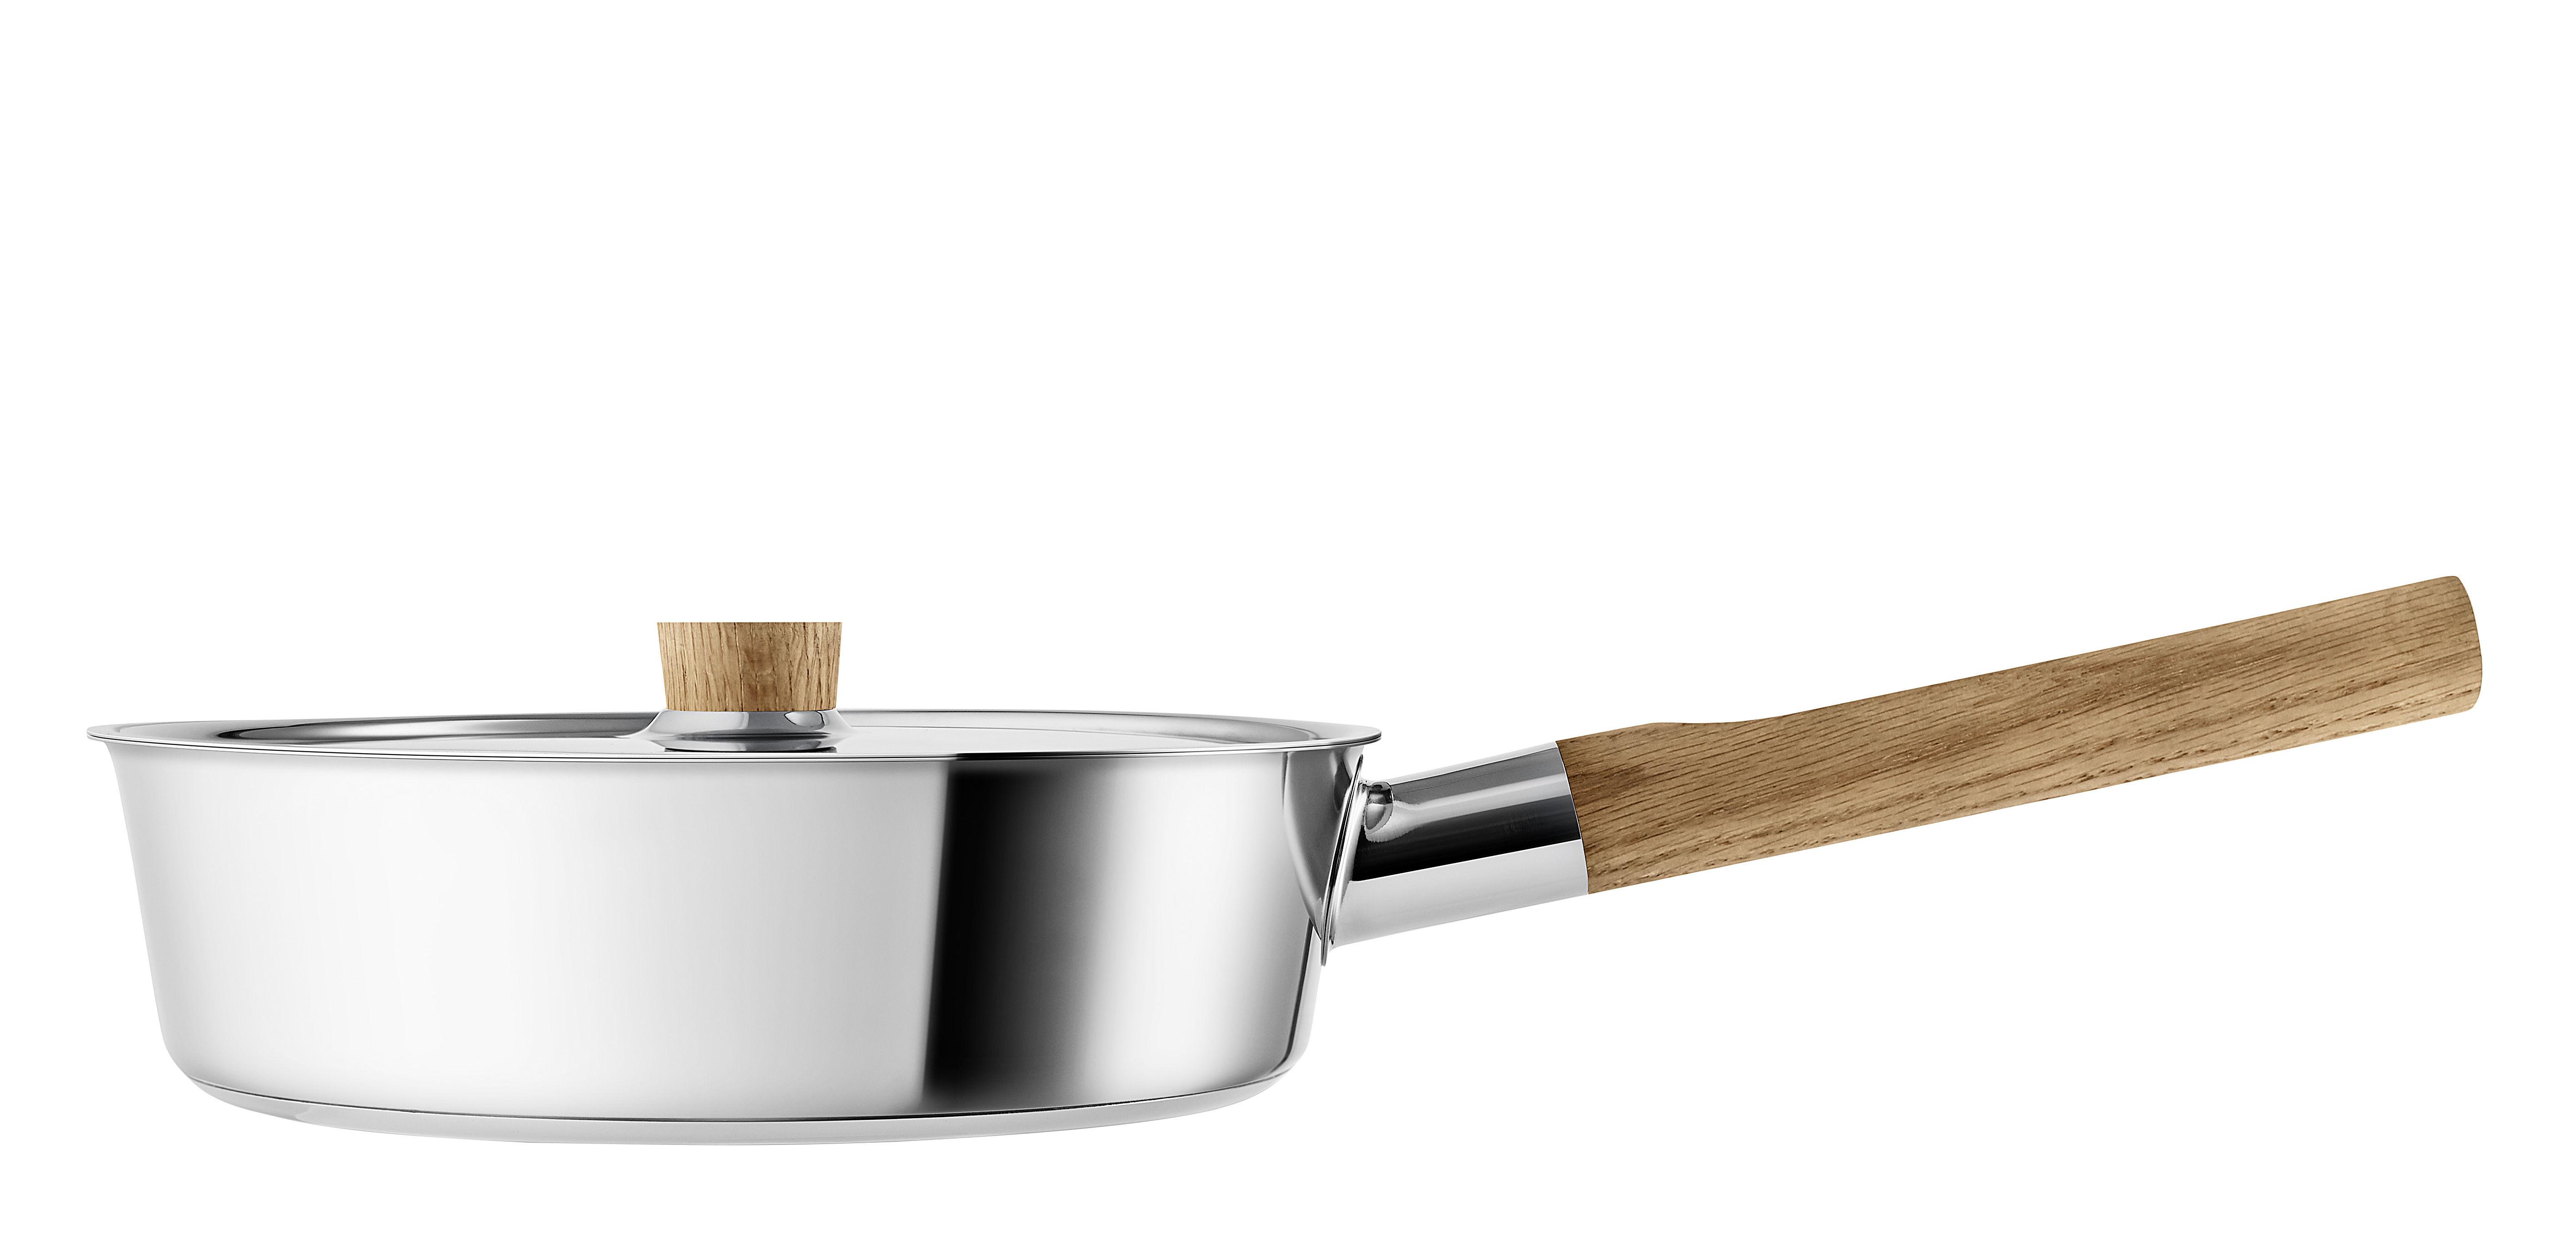 Cucina - Pentole, Padelle e Casseruole - Casseruola conica Nordic Kitchen - / Ø 24 cm - Con coperchio di Eva Solo - Inox / Rovere - Acciaio inossidabile, Rovere